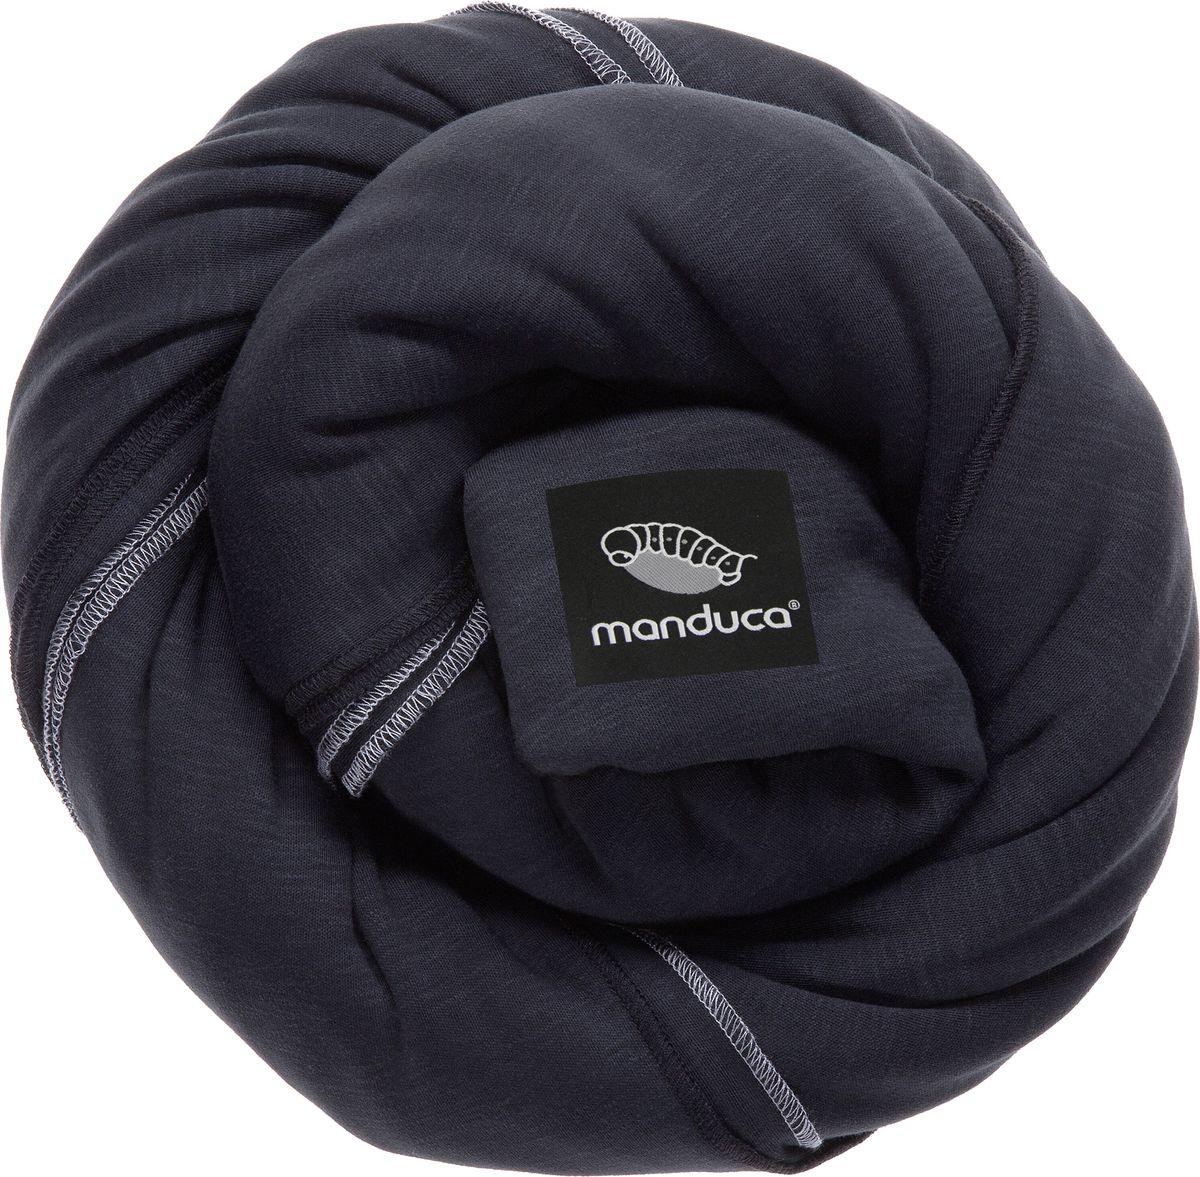 Manduca Слинг-шарф цвет черный -  Рюкзаки, слинги, кенгуру